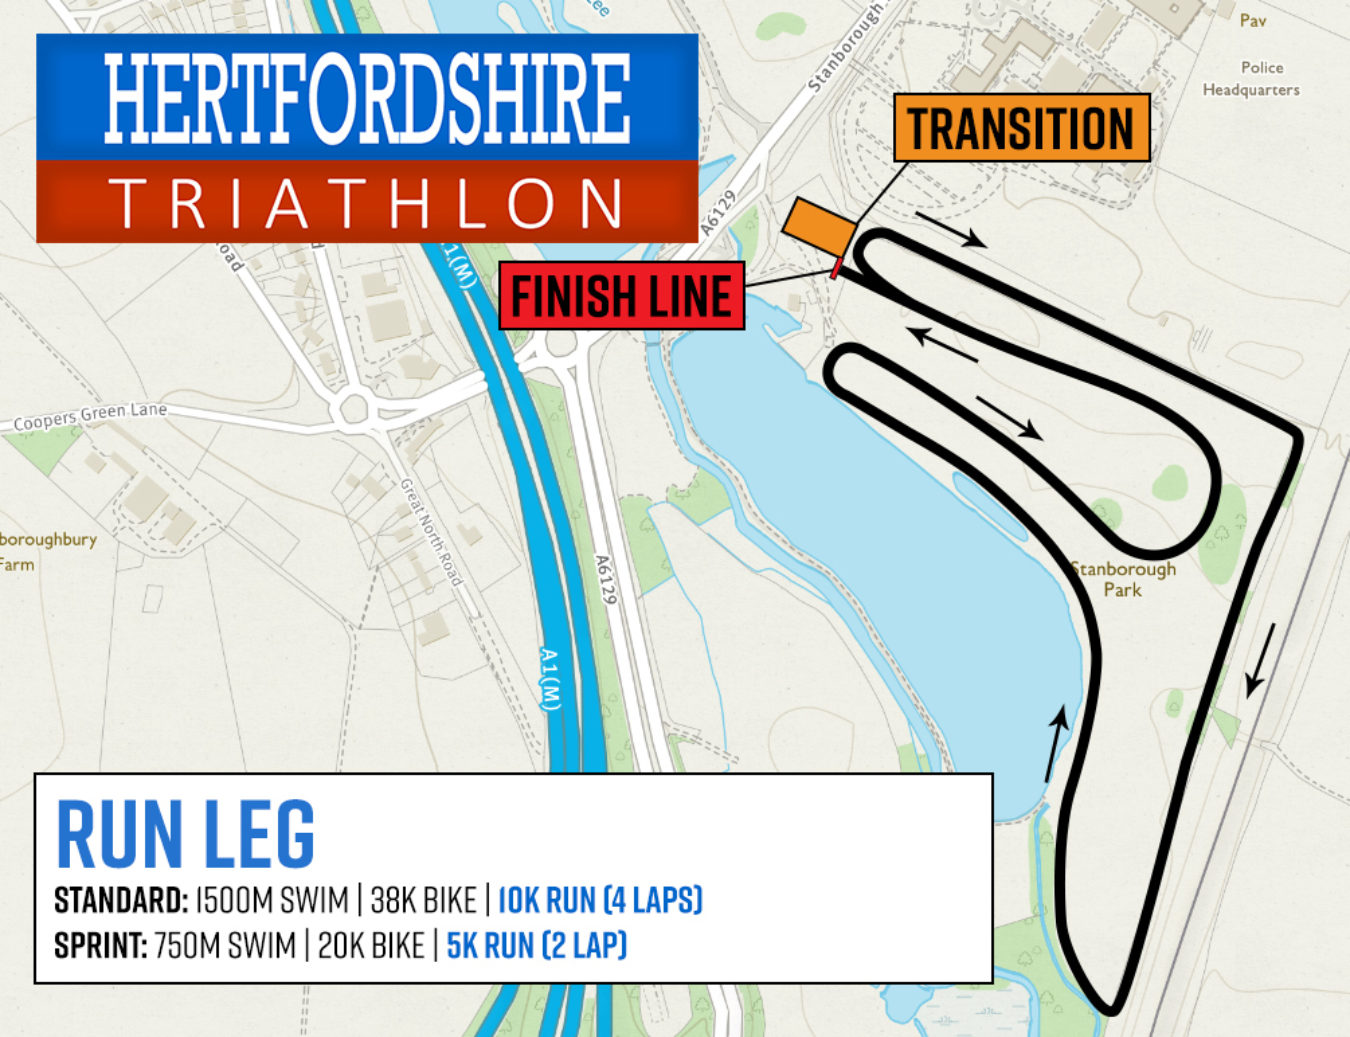 Herts Tri Run Route